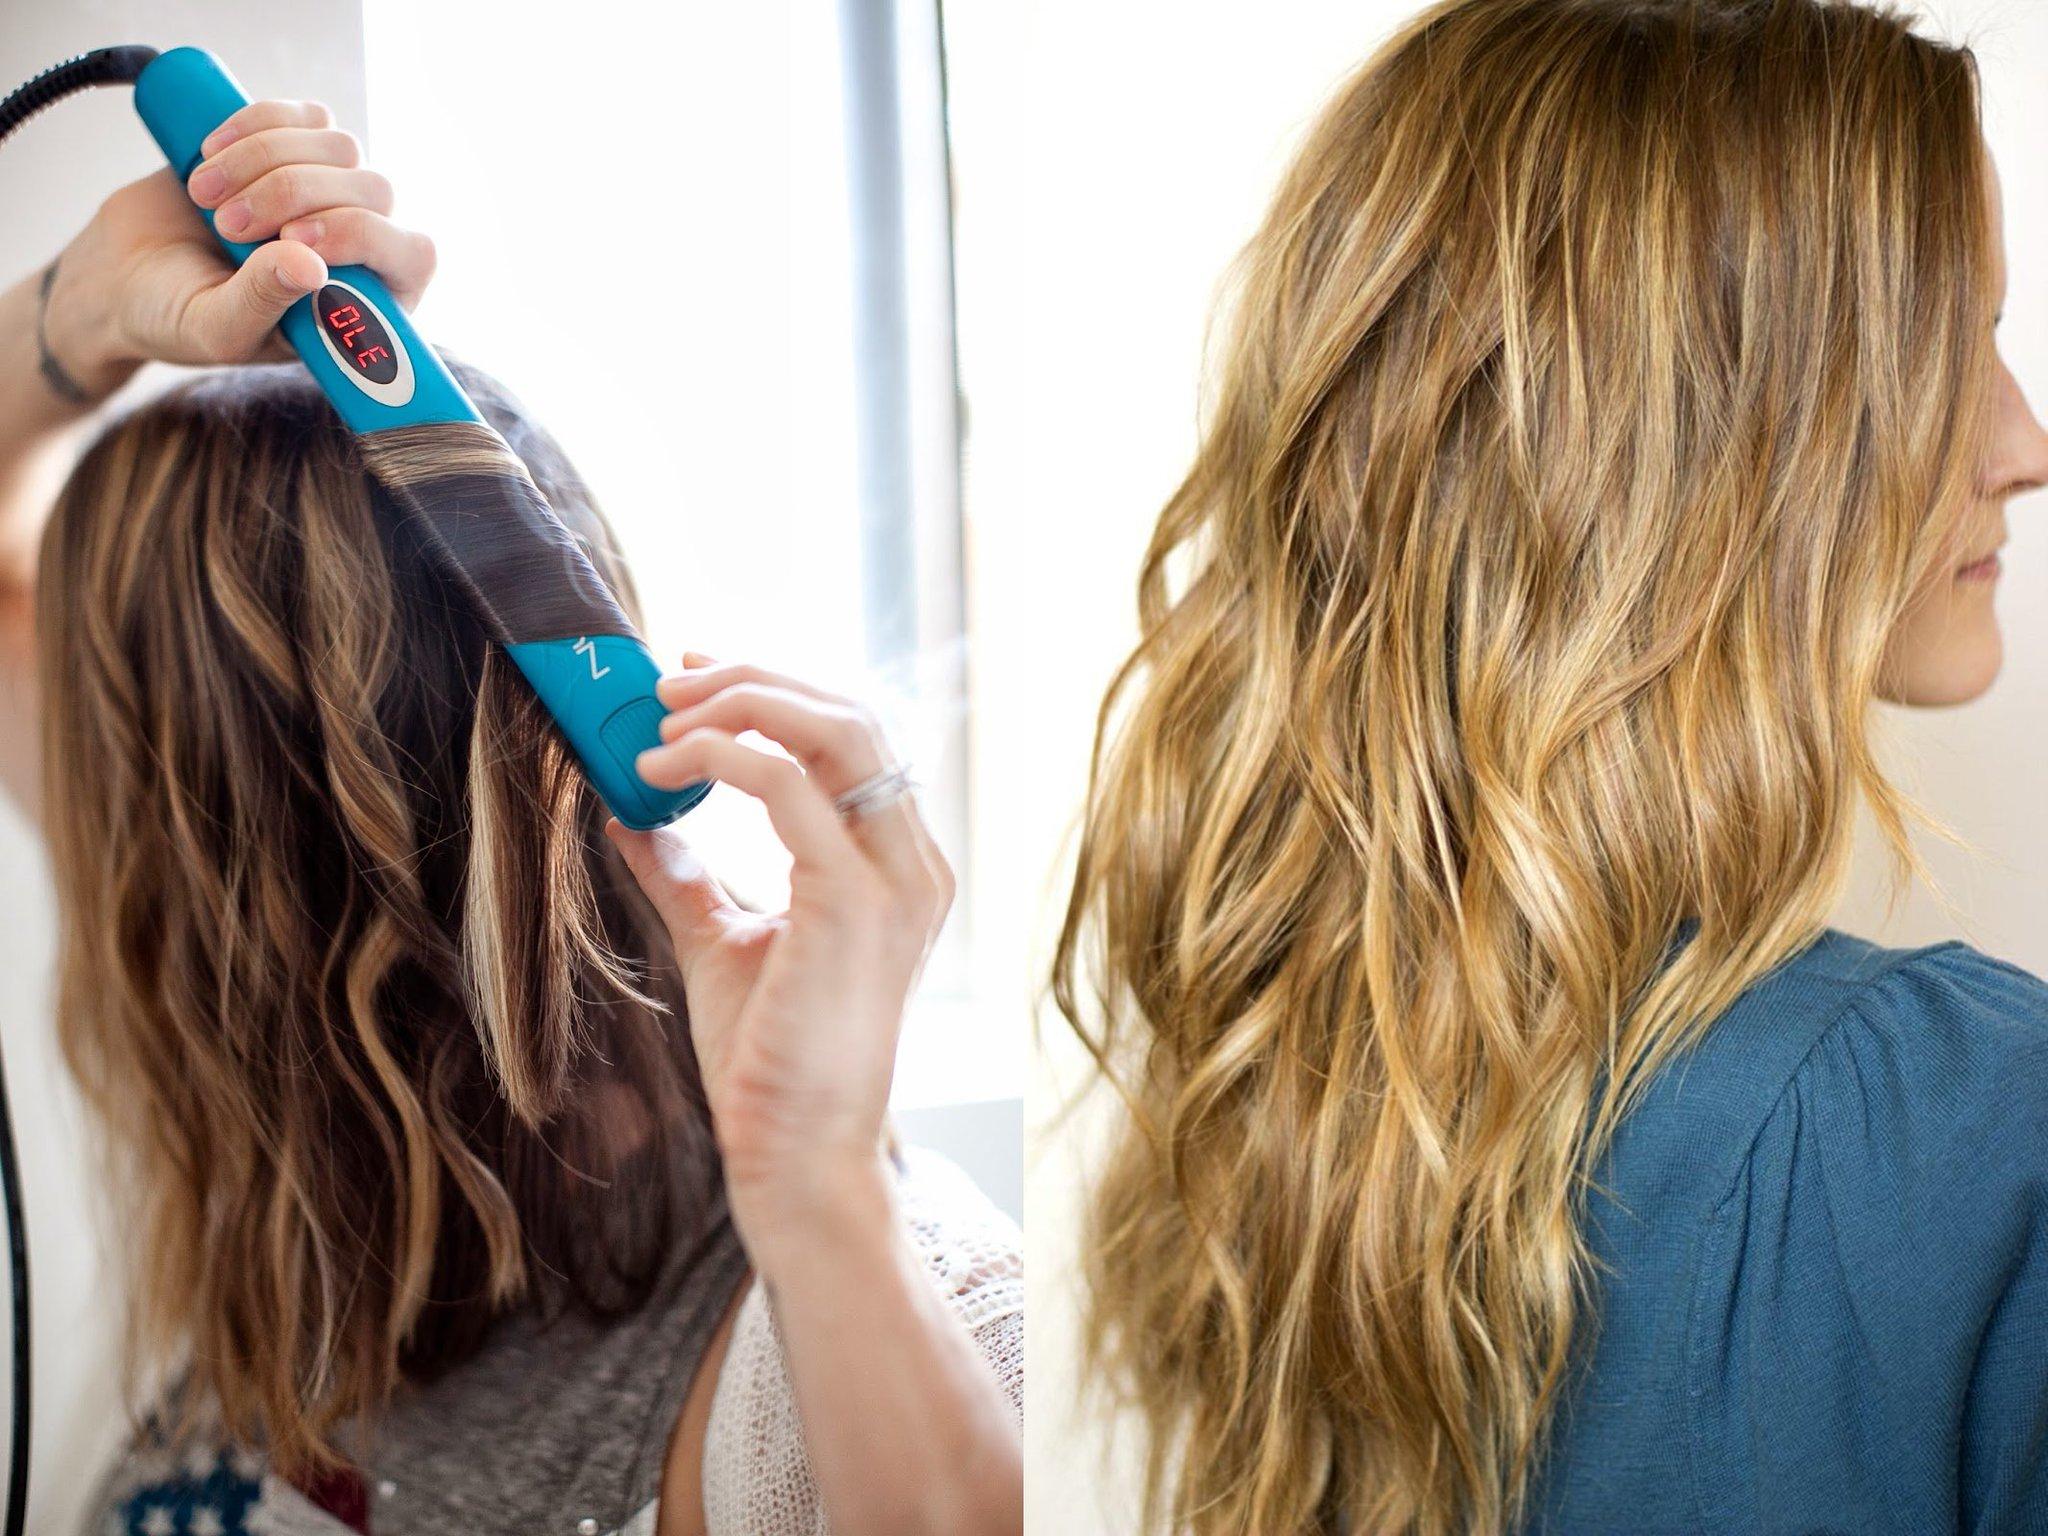 как завить волосы утюжком пошаговое фото музее работают